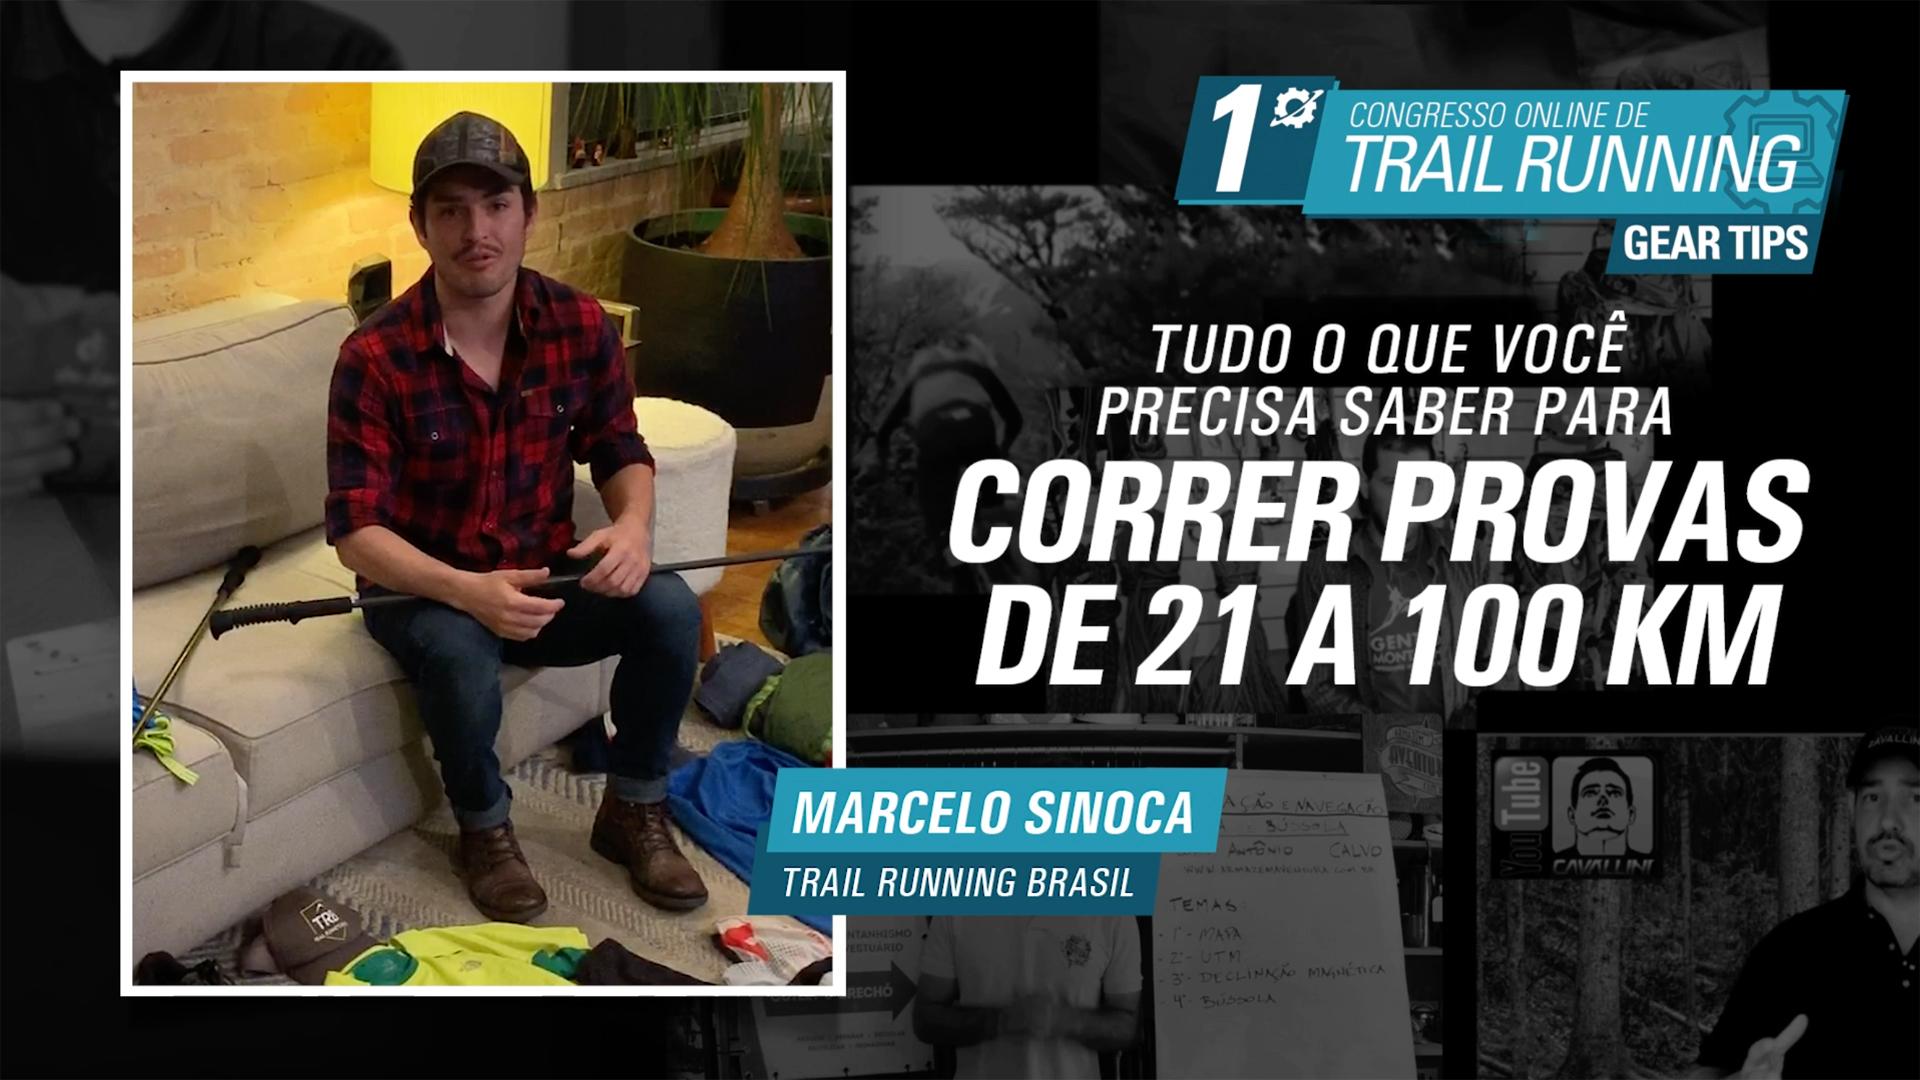 Correr provas de 21 a 100Km - Marcelo Sinoca